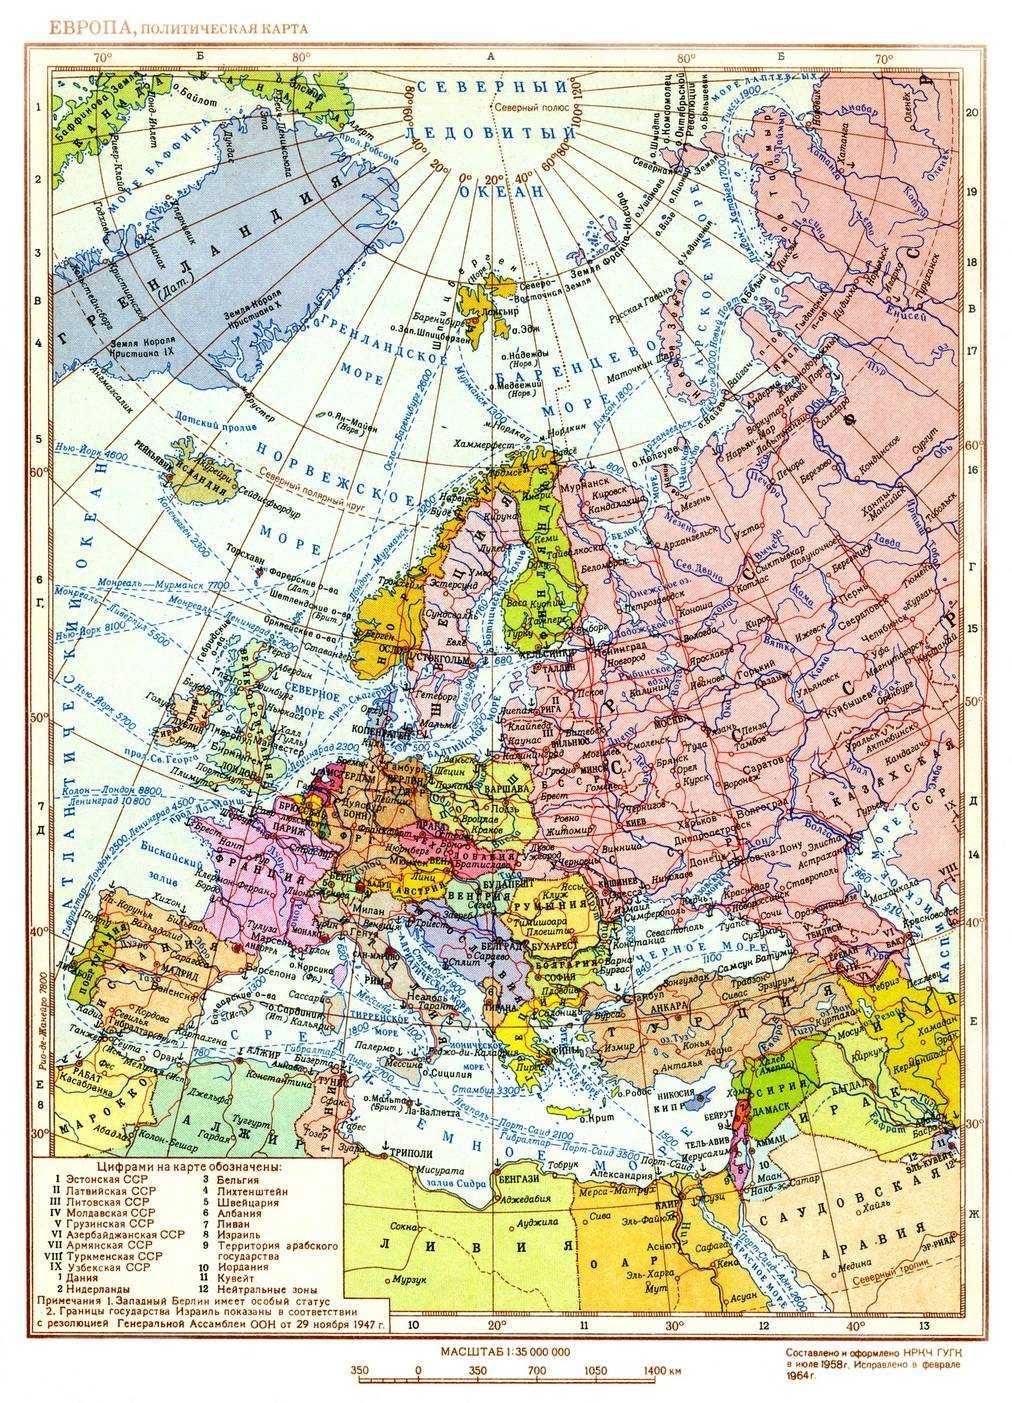 Европа этнографическая карта